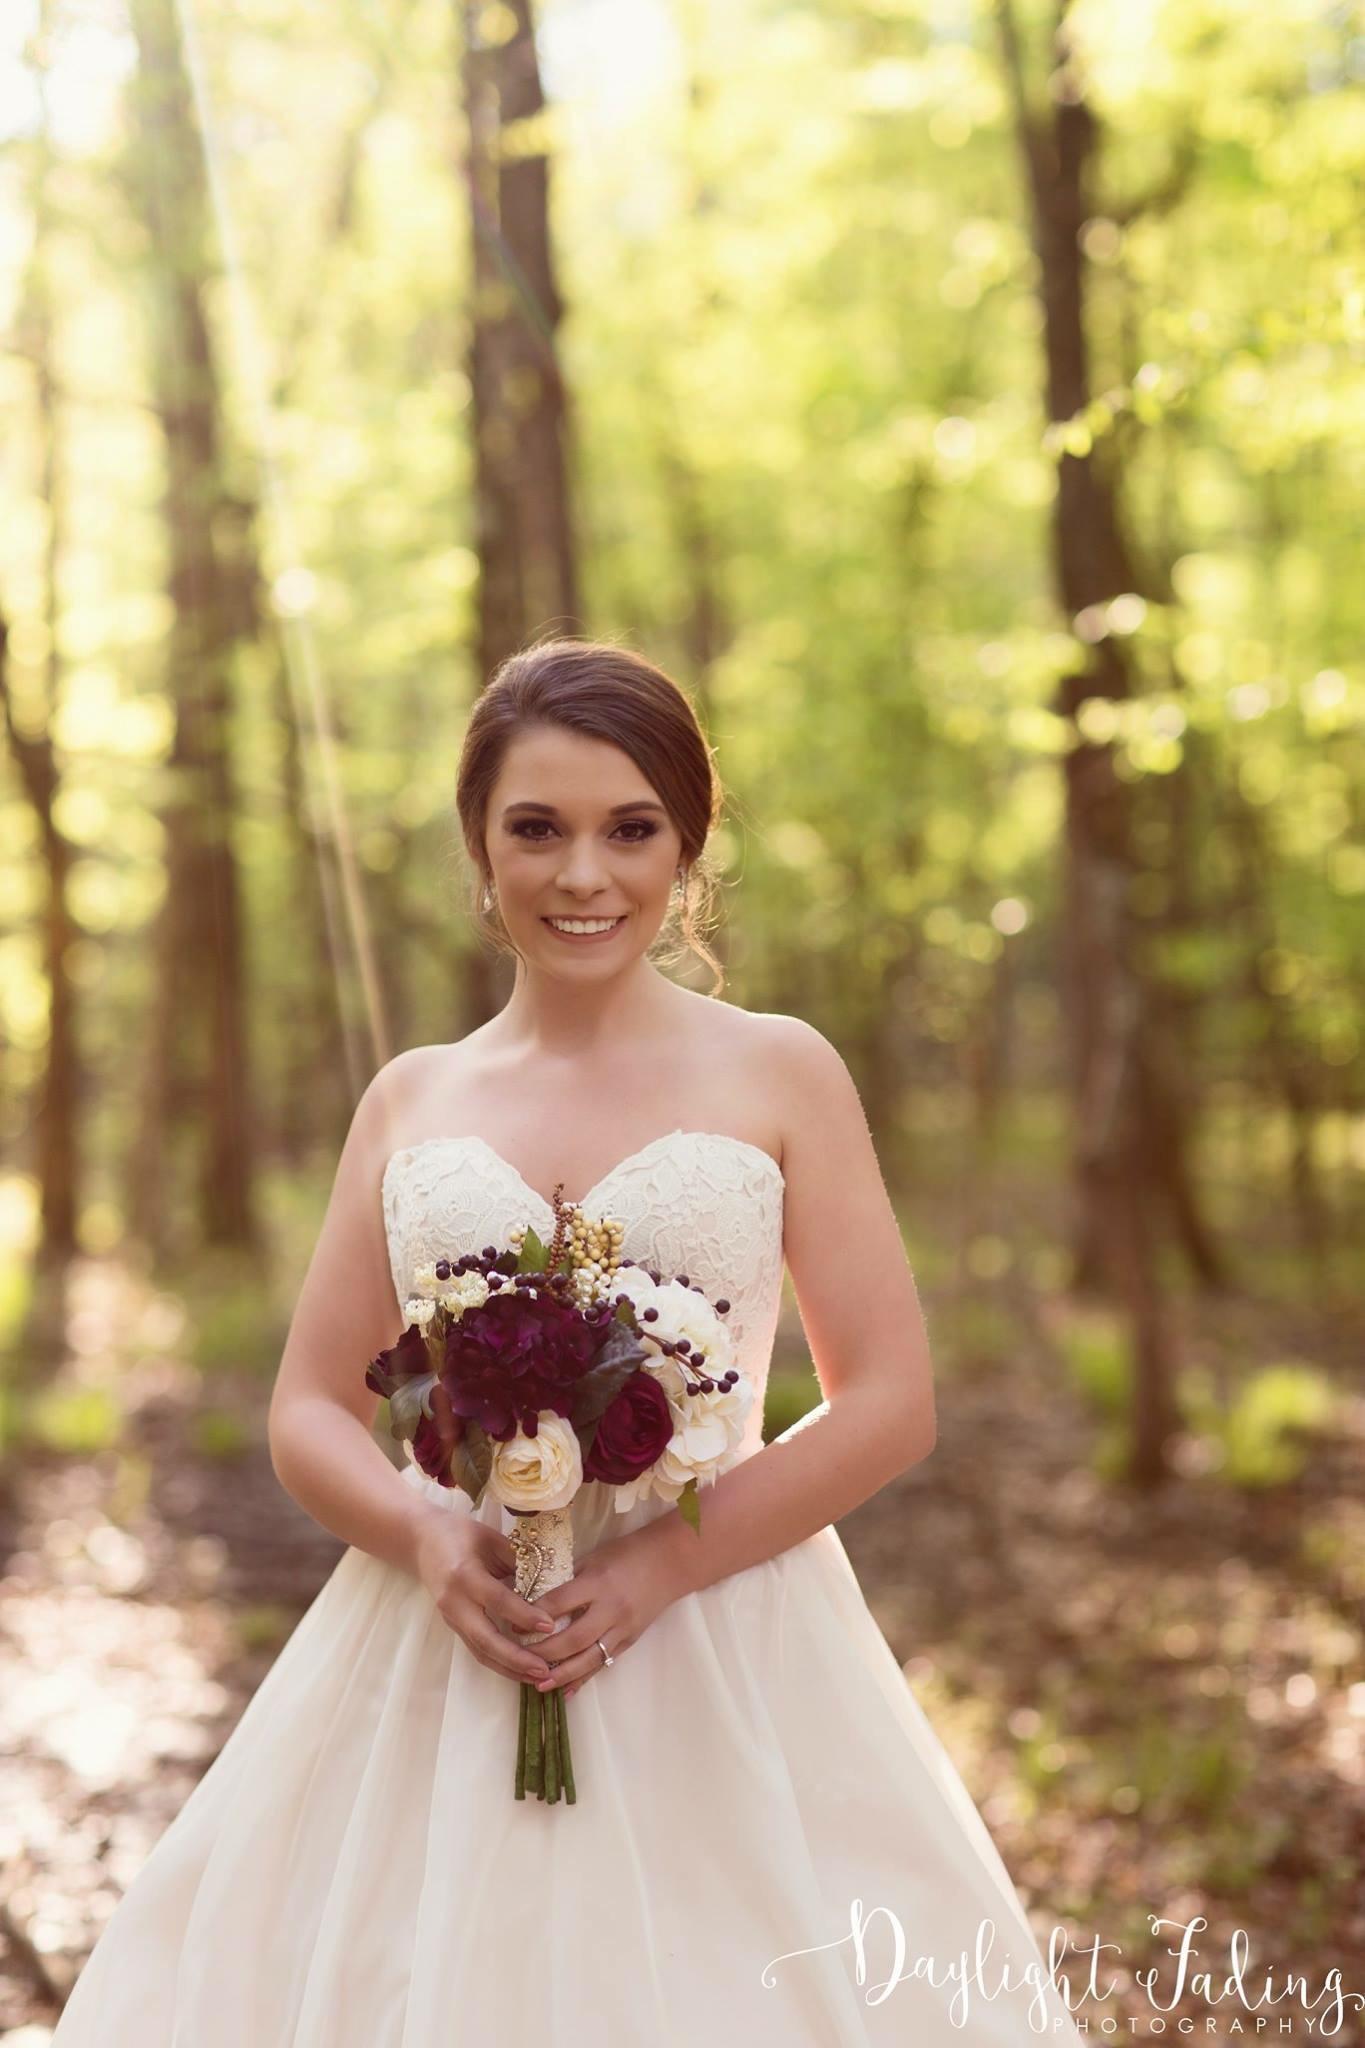 Kristi's Bridal Portraits at Rock Chapel in Carmel, Louisiana - daylightfadingphotography.com